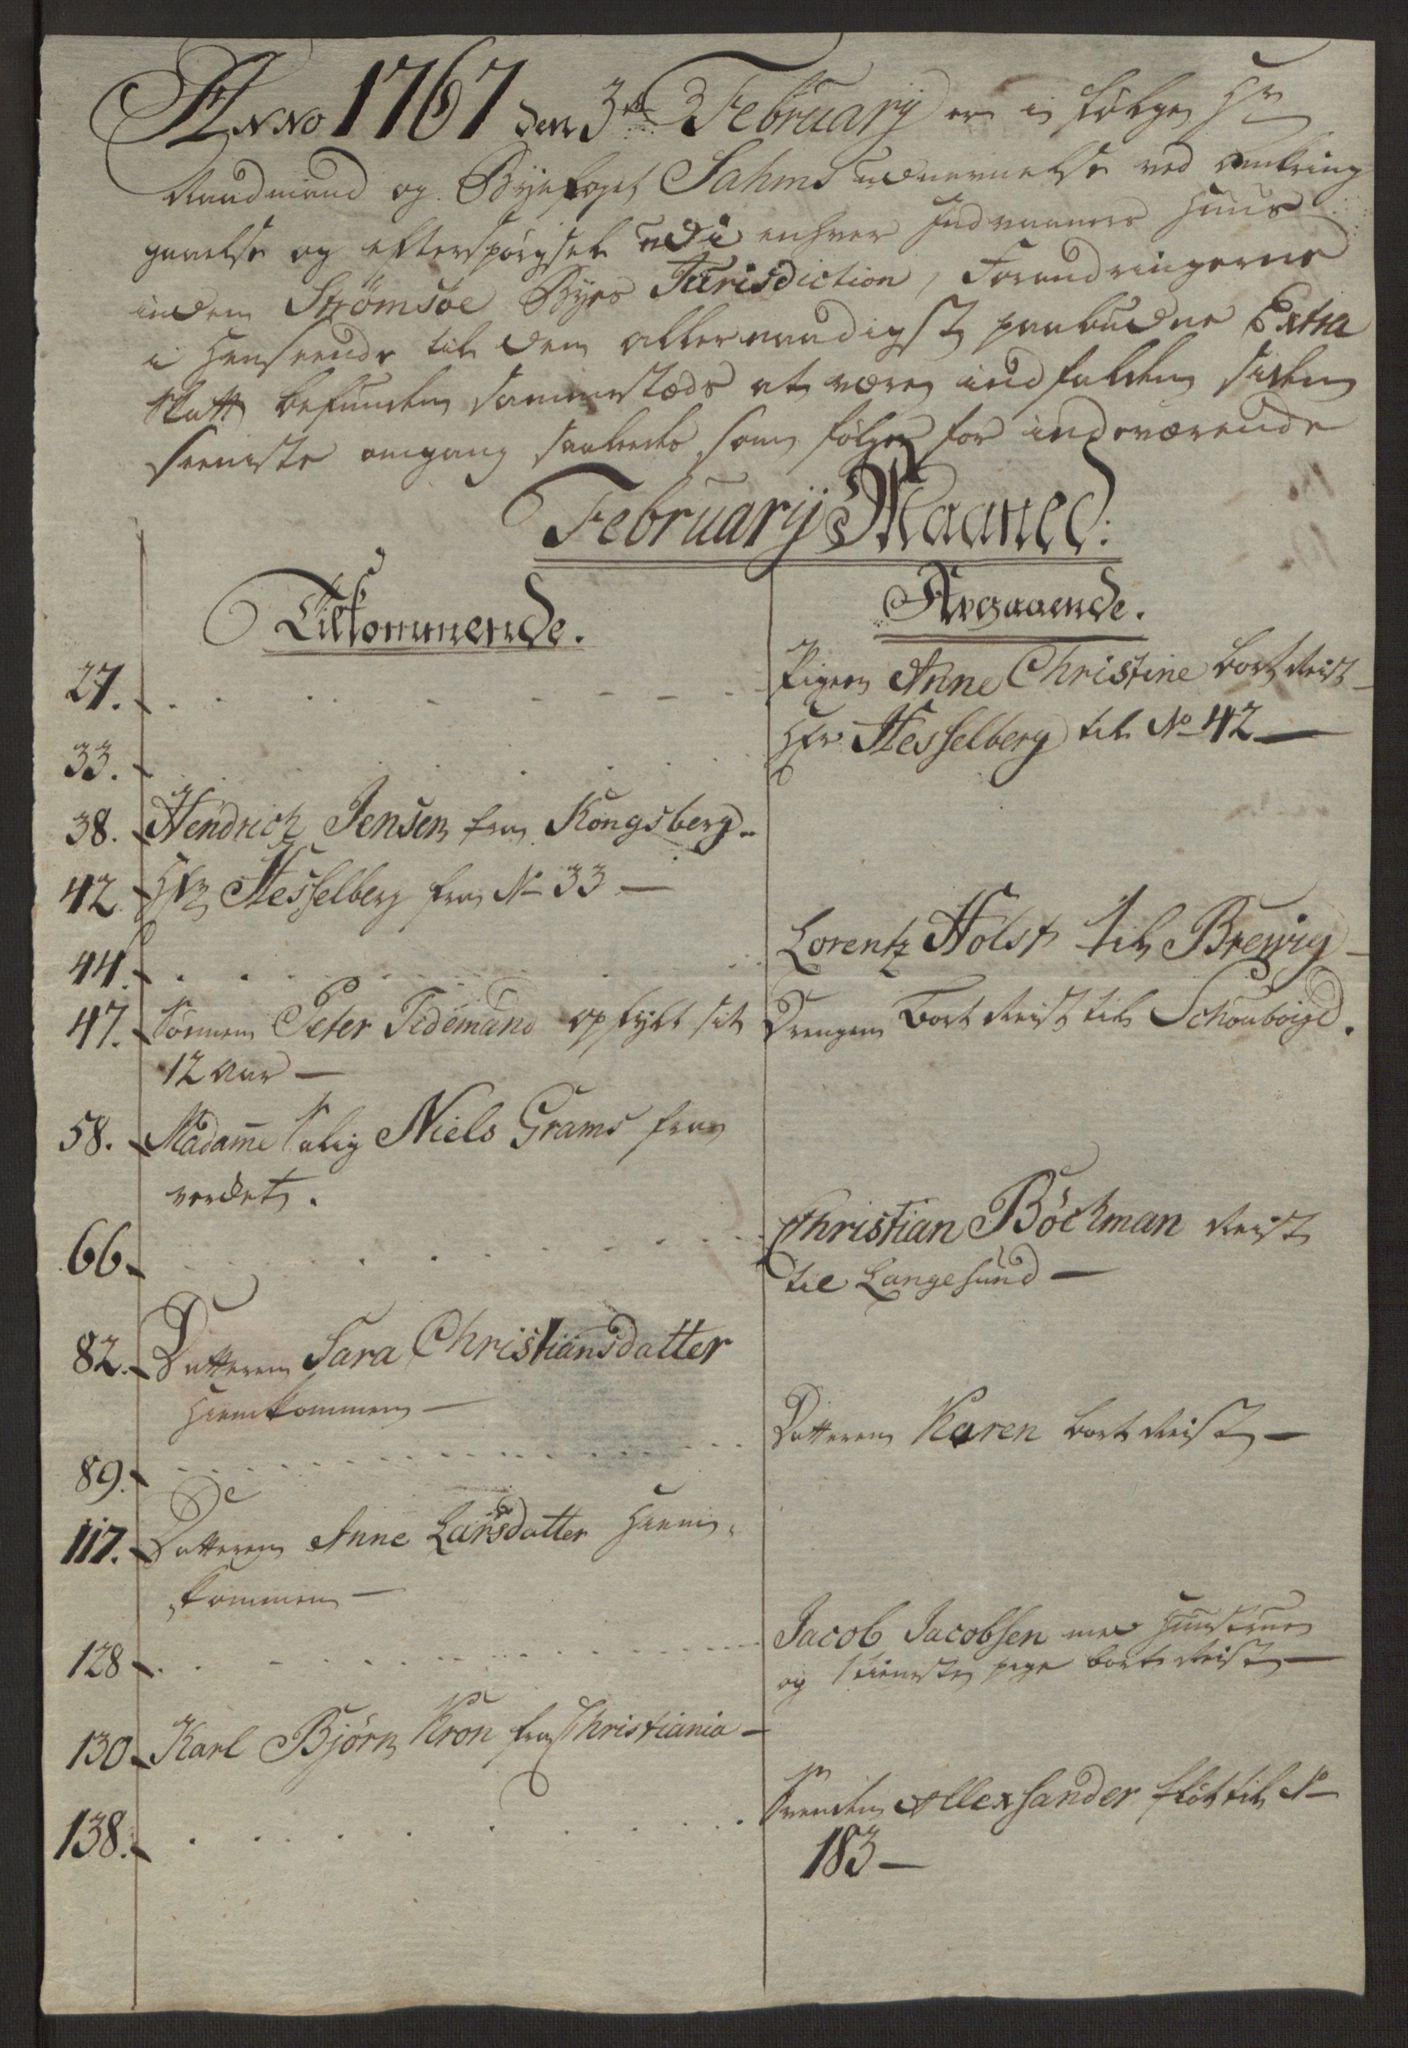 RA, Rentekammeret inntil 1814, Reviderte regnskaper, Byregnskaper, R/Rg/L0144: [G4] Kontribusjonsregnskap, 1762-1767, s. 511